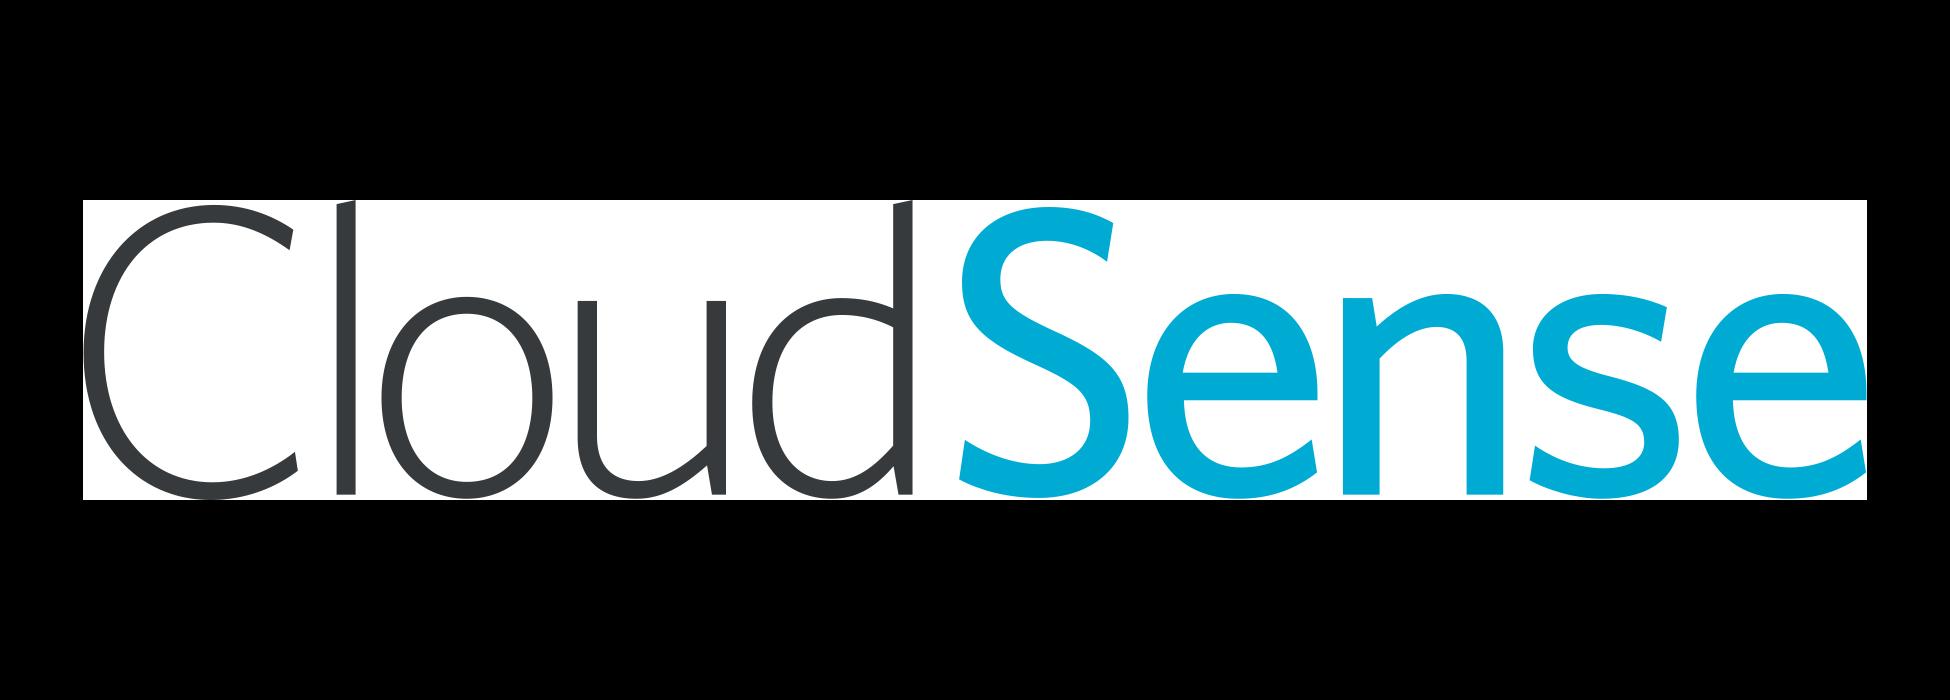 cloudsense-logo-incognito-software